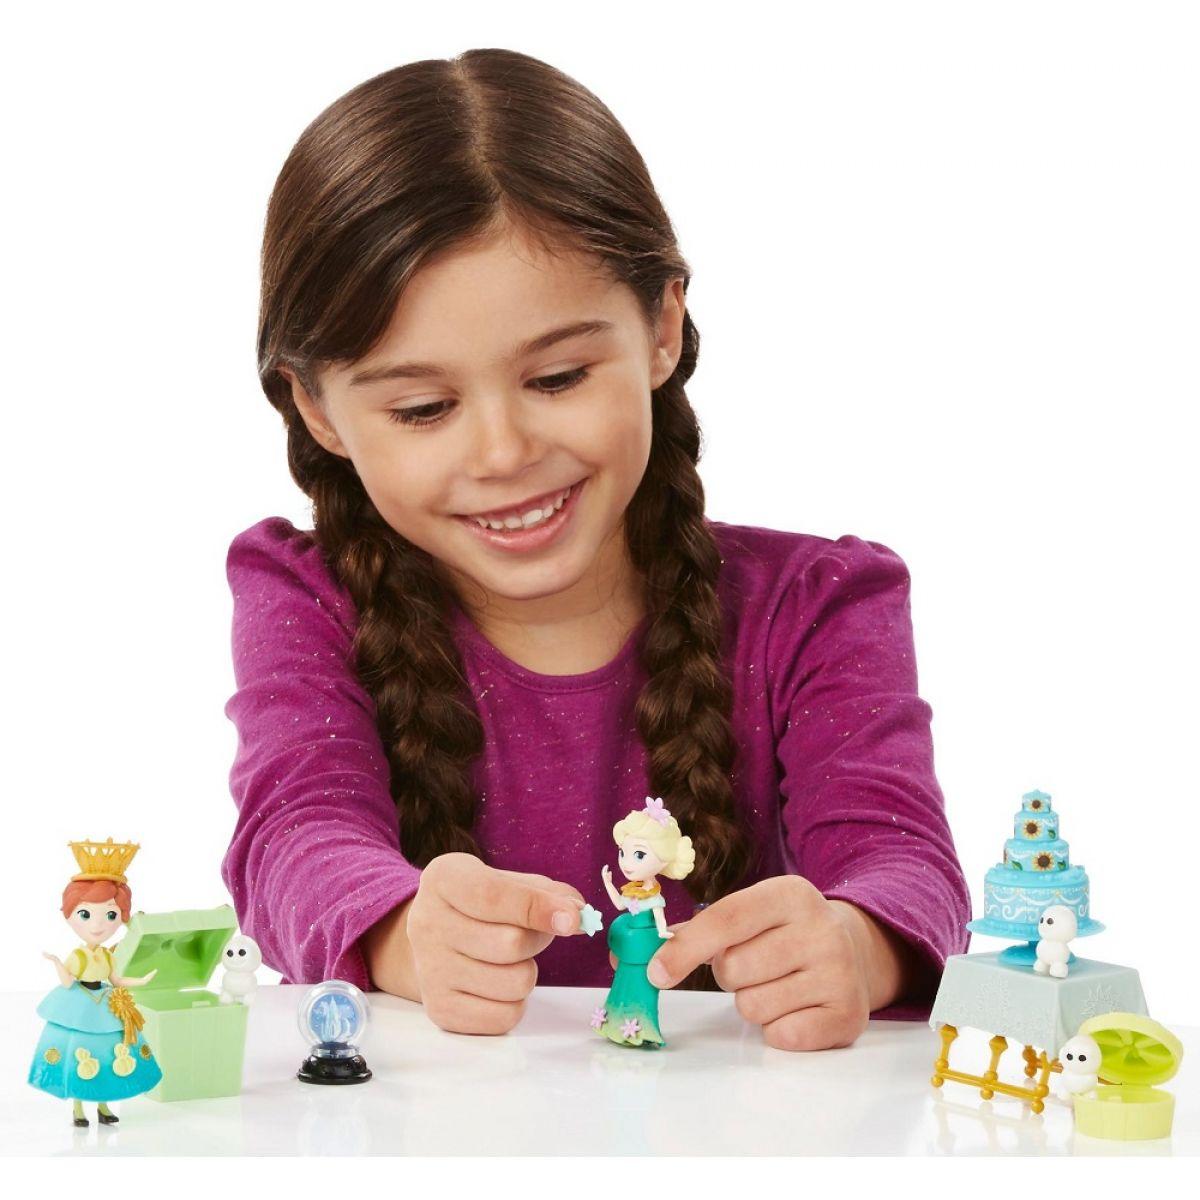 Hasbro Disney Frozen Little Kingdom Set malé panenky s příslušenstvím - Frozen Fever Celebration #3